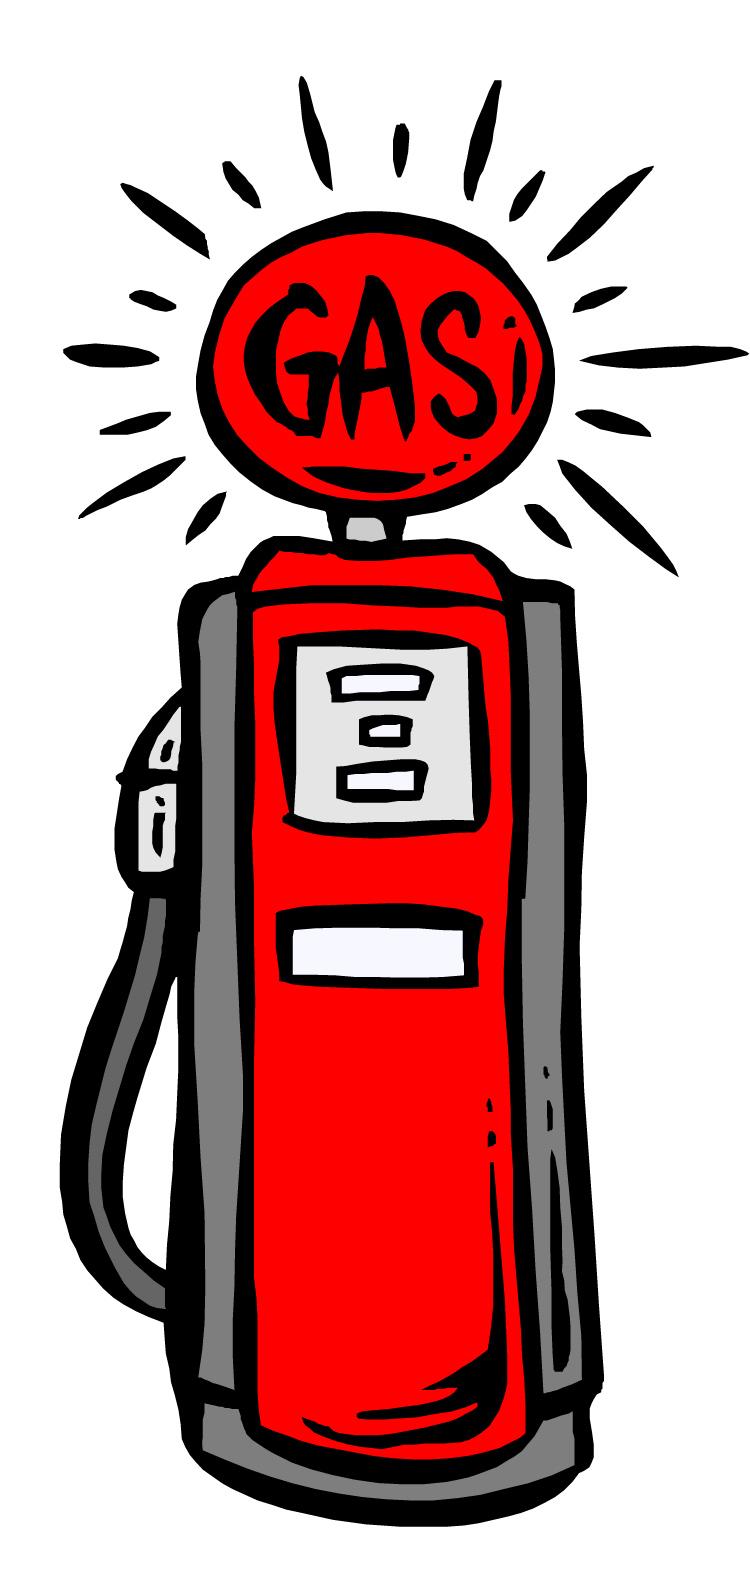 K Gas Station Logos K Gas Station Logos Money